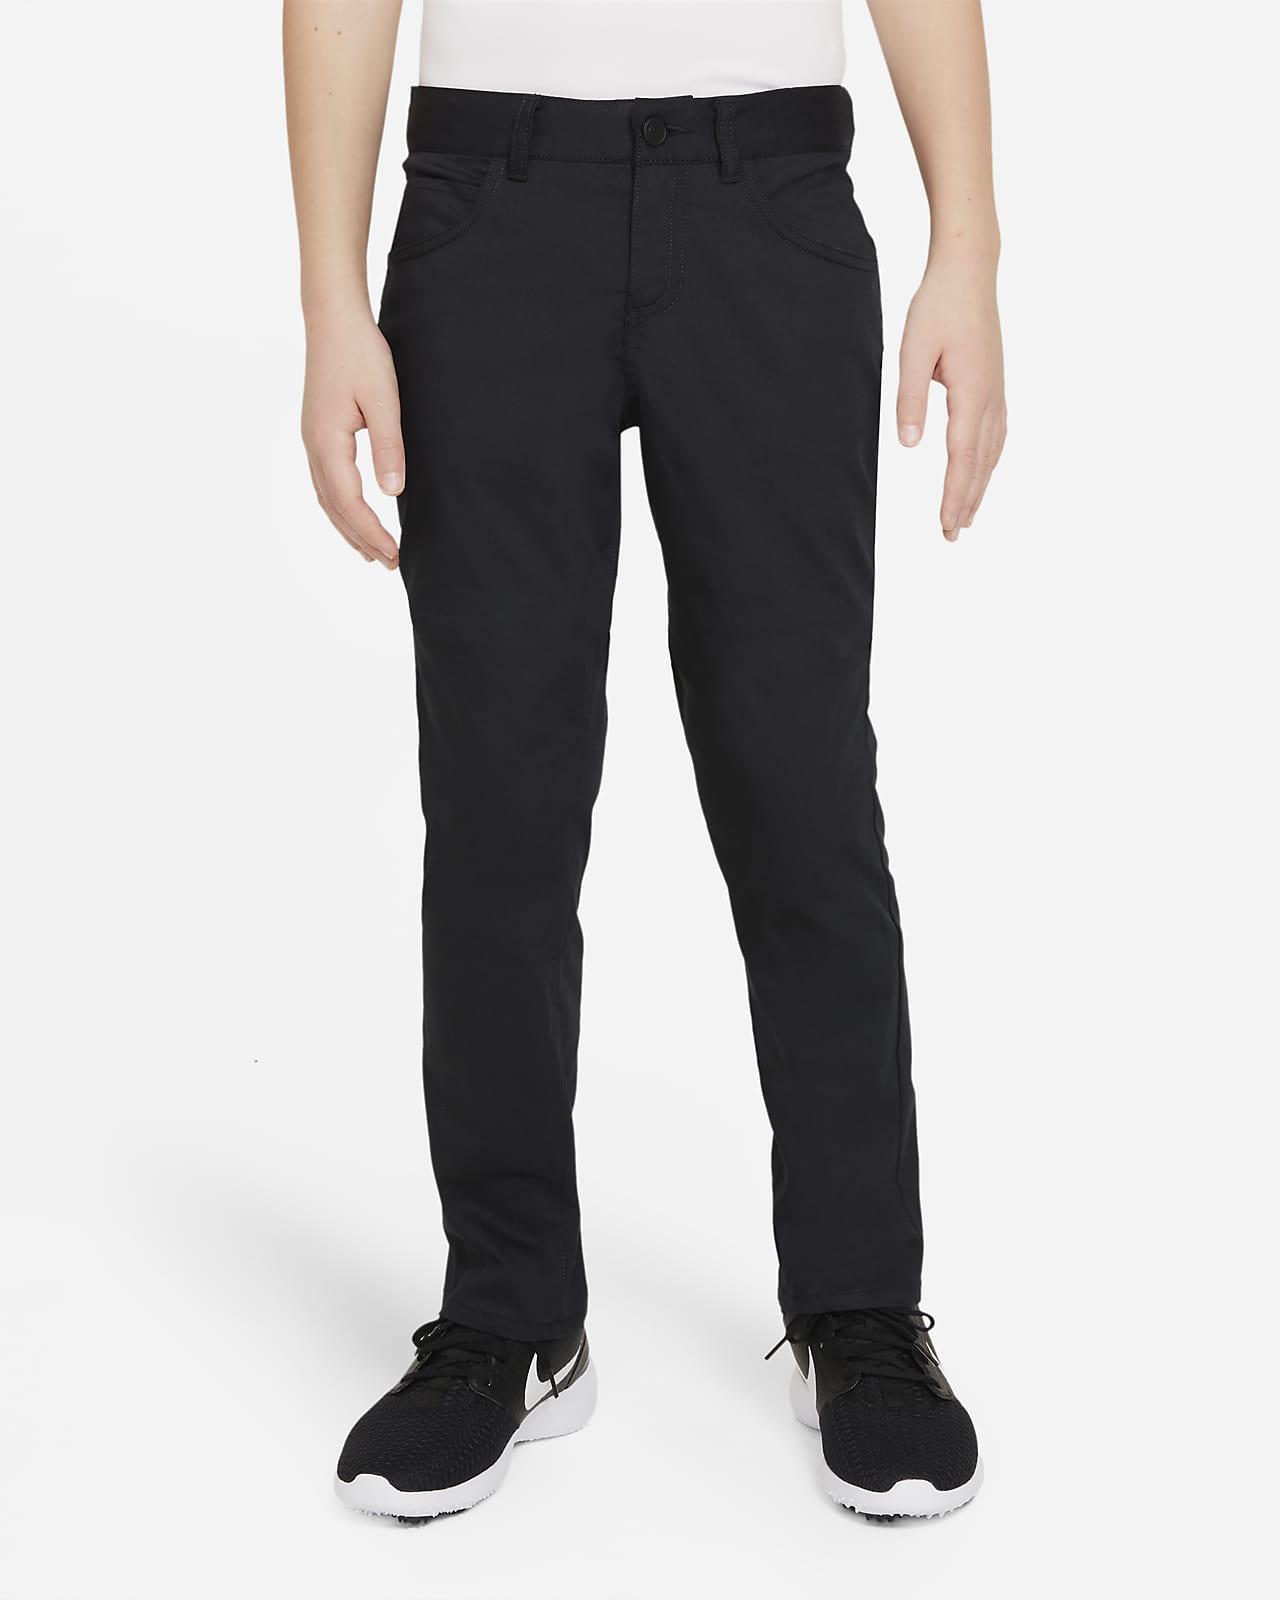 Nike Dri-FIT Big Kids' (Boys') 5-Pocket Golf Pants